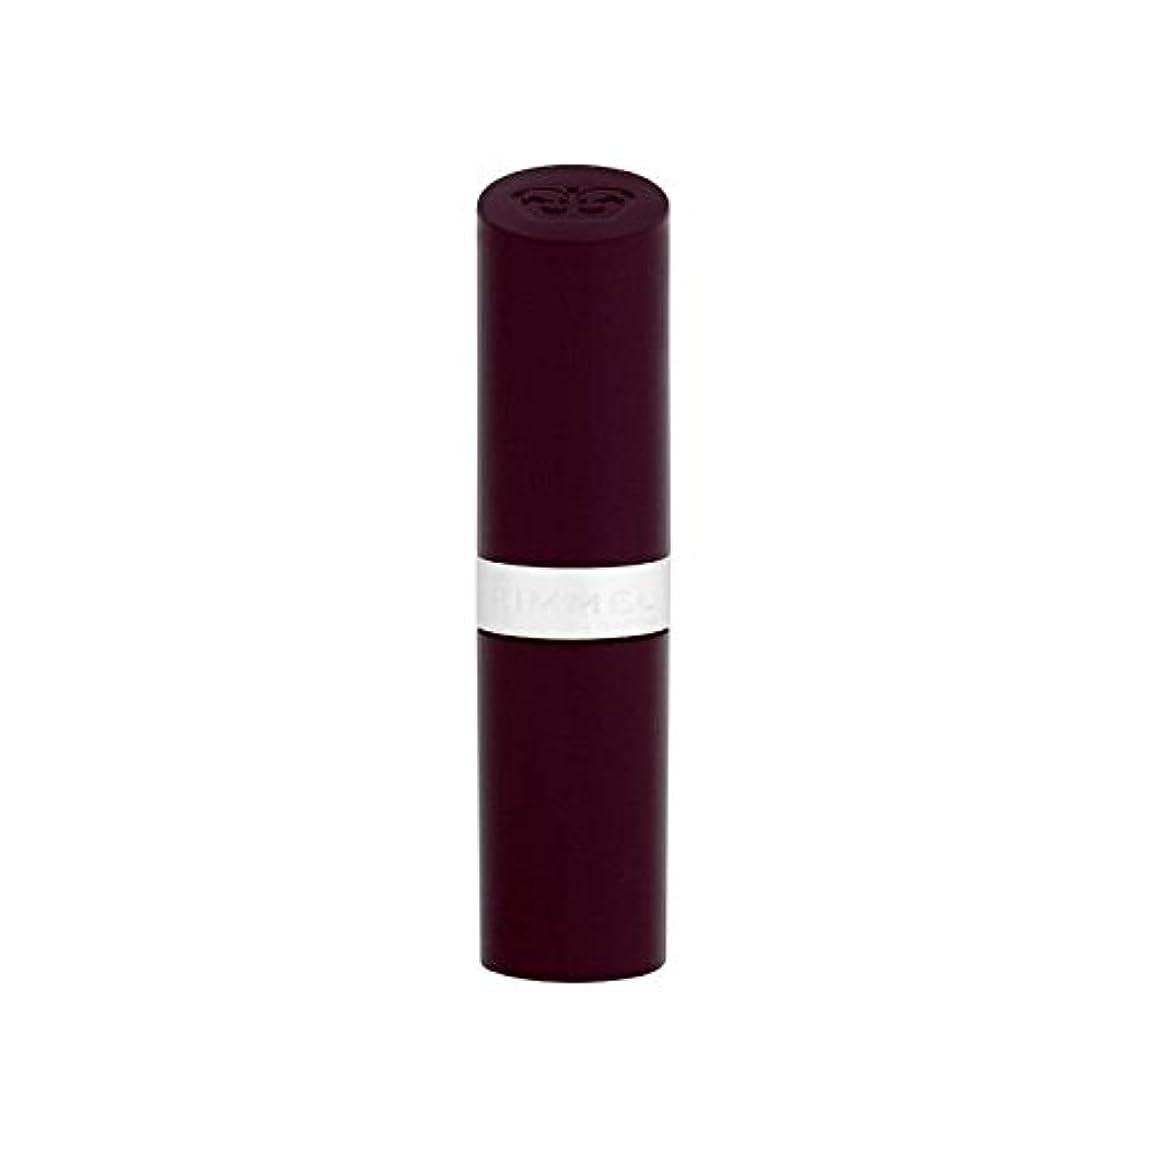 コロニーパーティー割合Rimmel Lasting Finish Lipstick Amethyst Shimmer 84 - リンメル持続的な仕上げの口紅アメジストきらめき84 [並行輸入品]